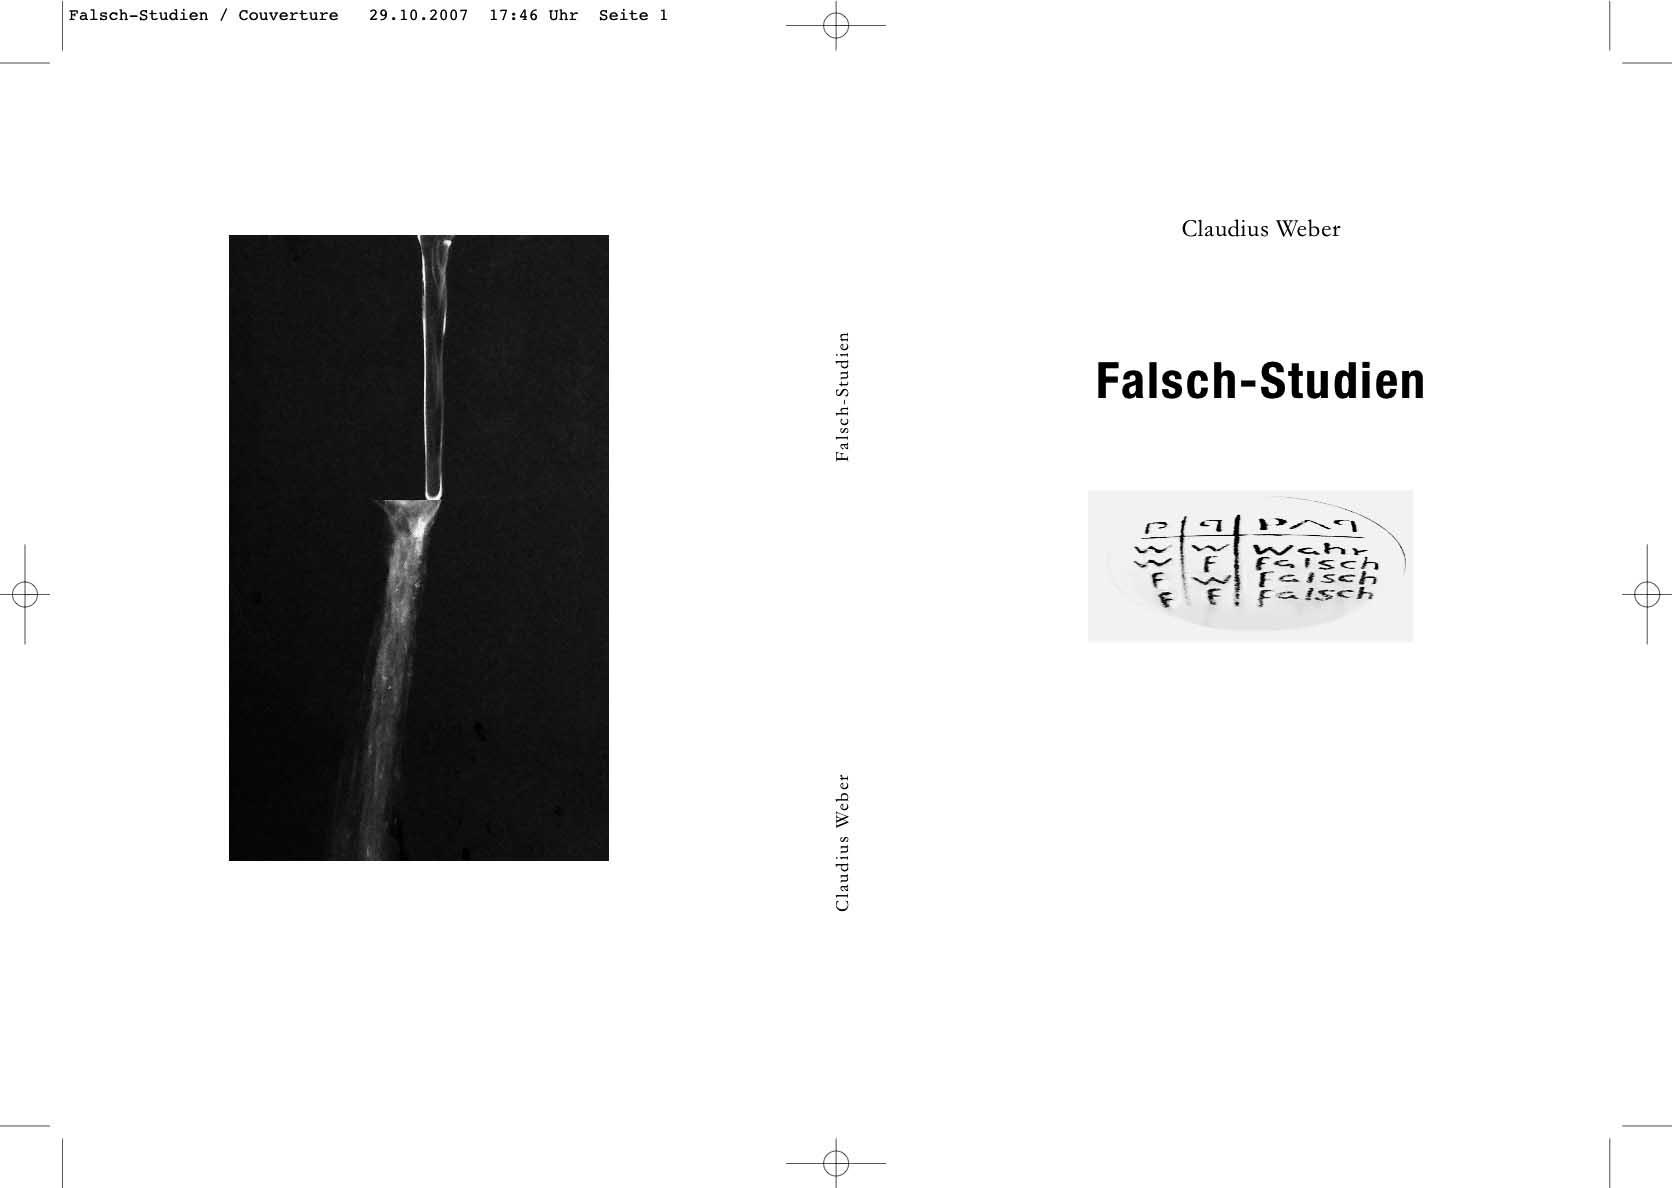 Falsch-Studien